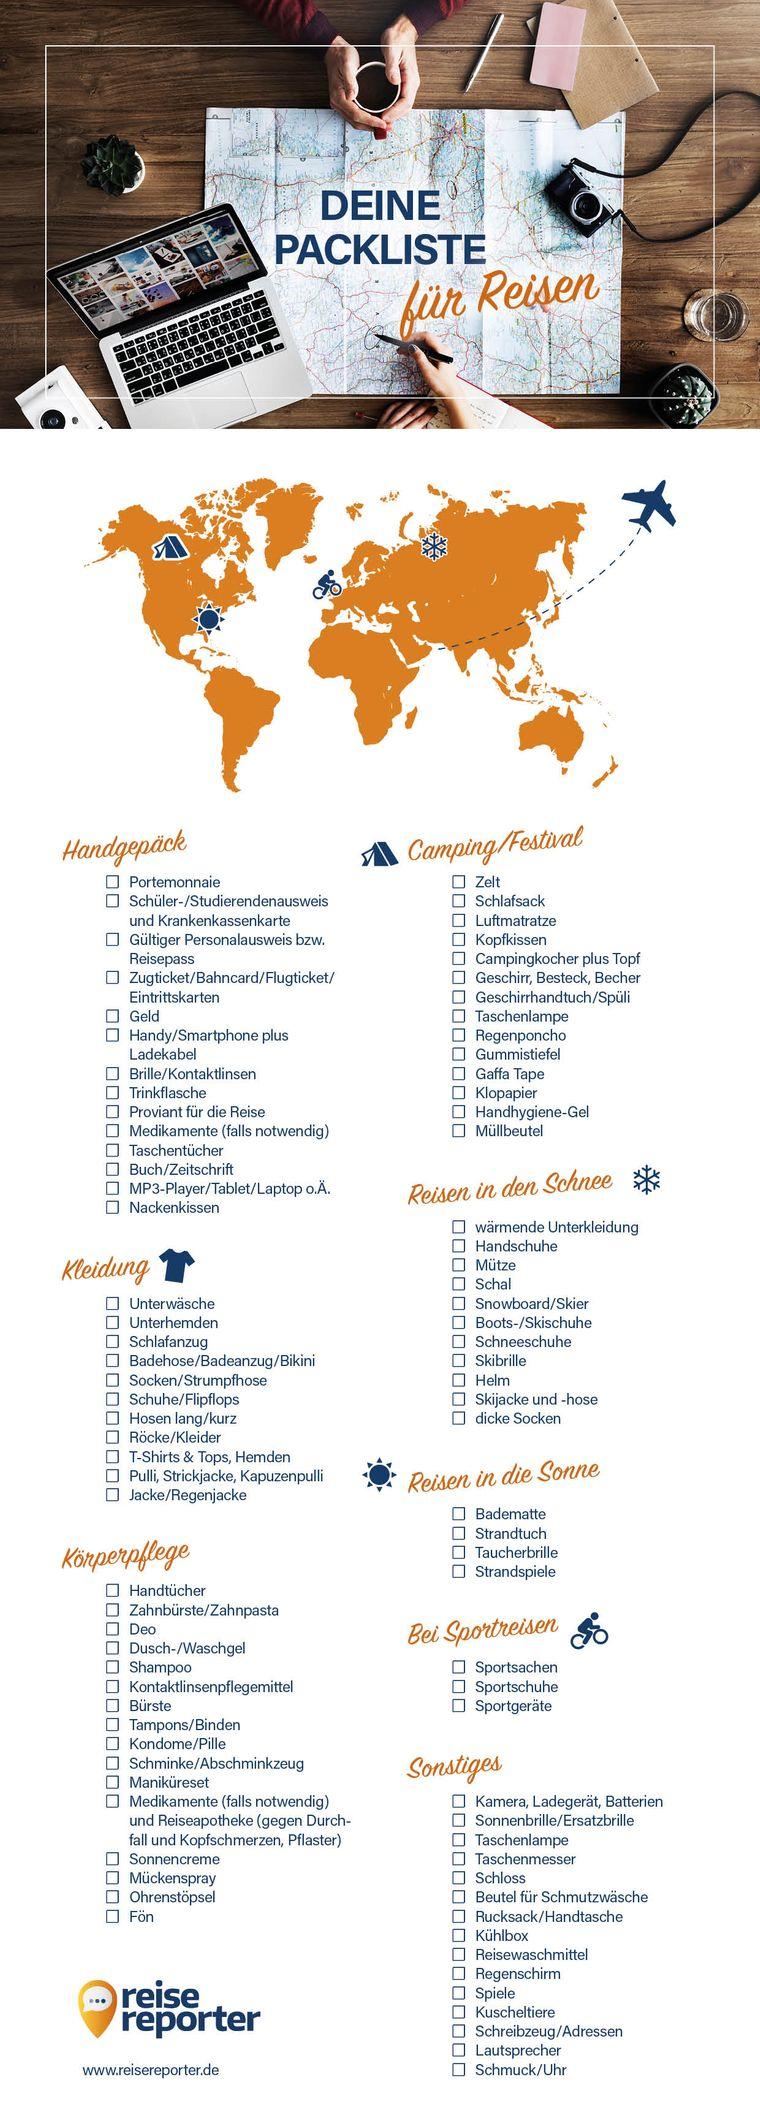 reisereporter-Packliste für deine Reise